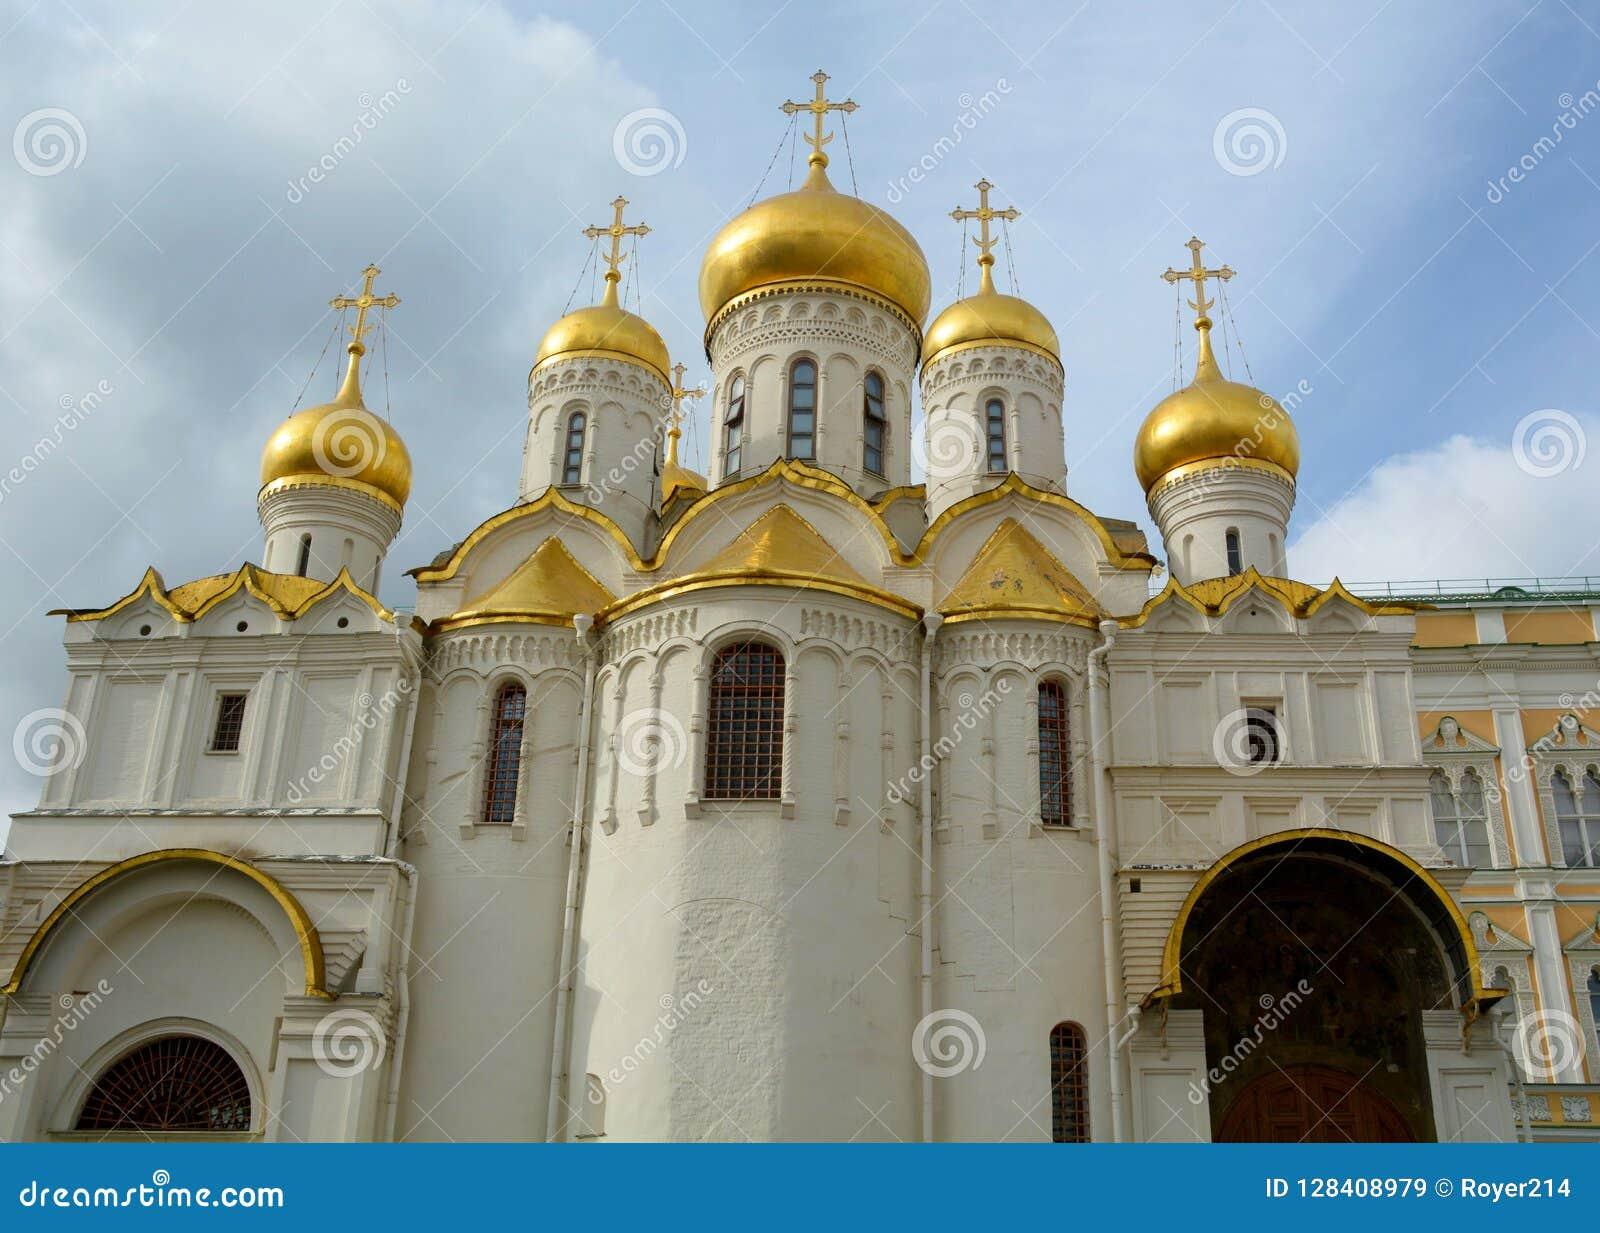 Aankondigingskathedraal in het Kremlin, Moskou